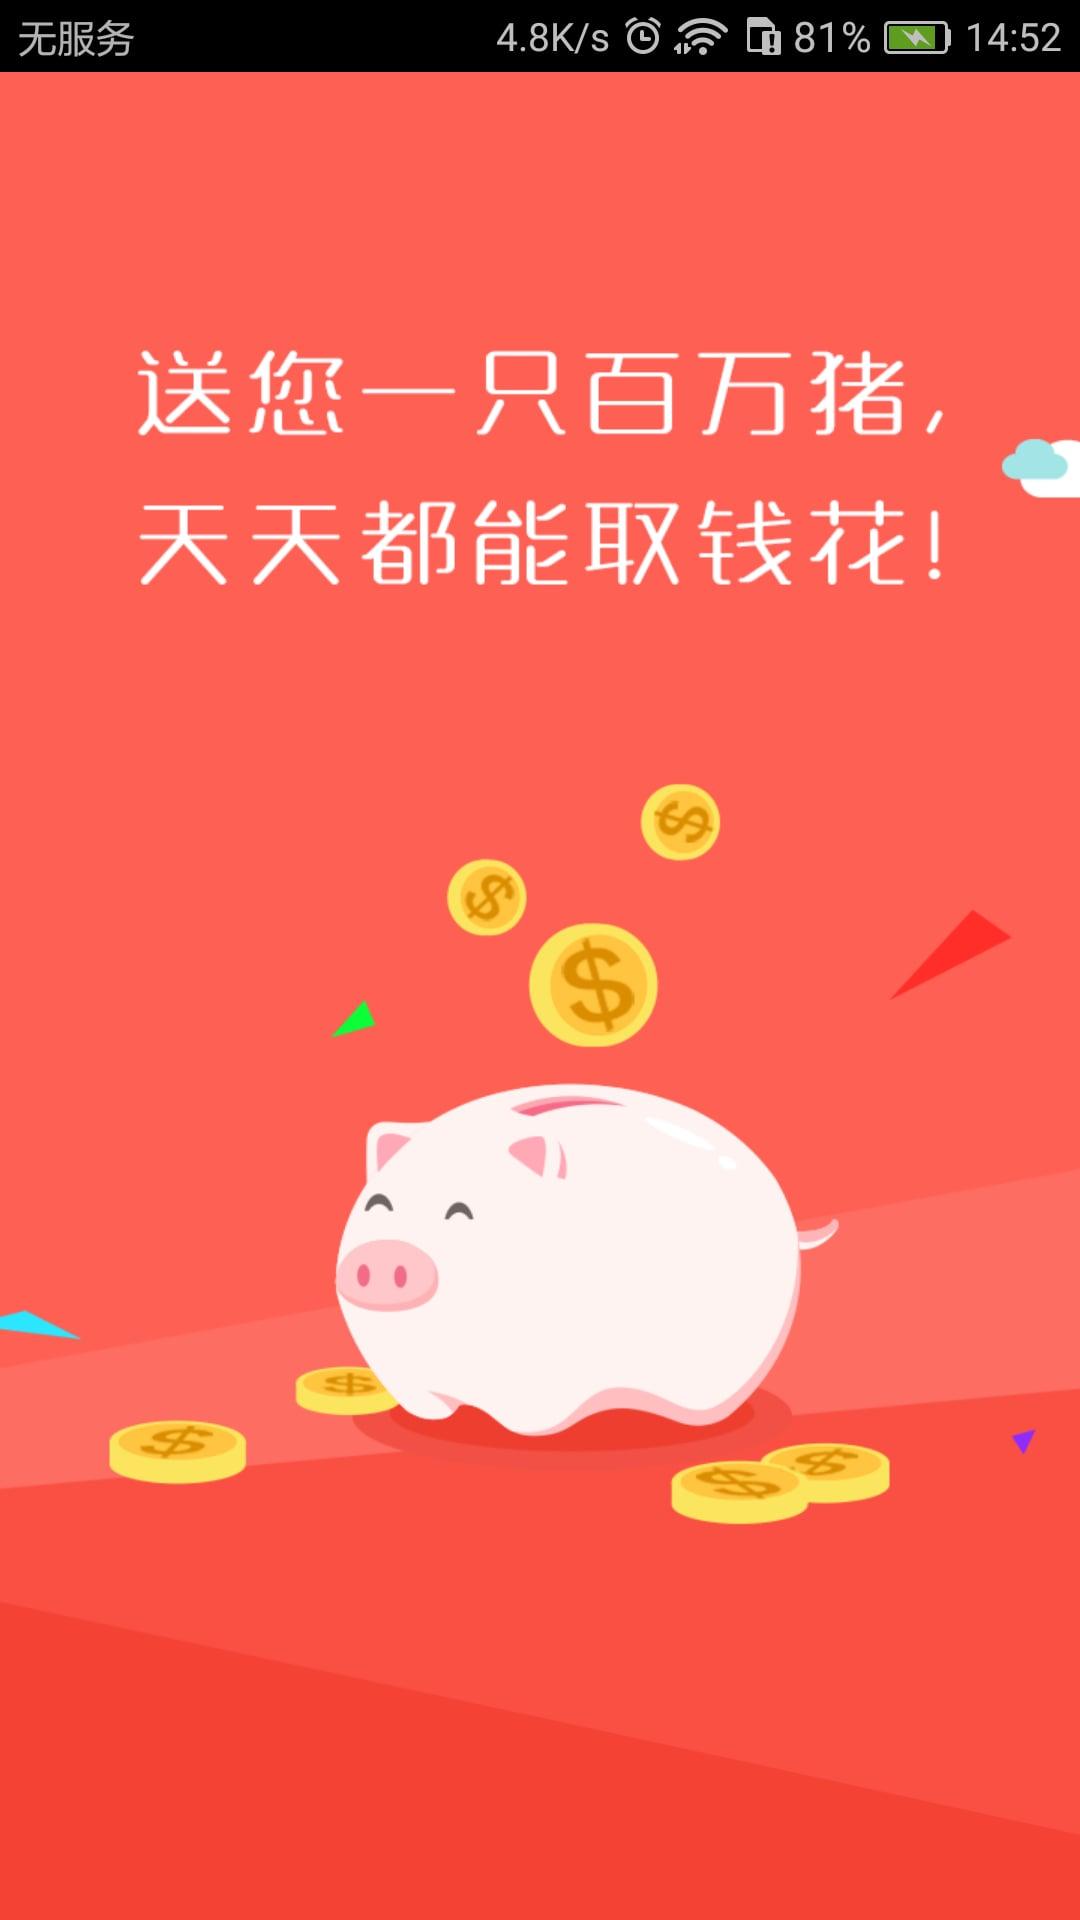 百万猪V1.7.4 安卓版